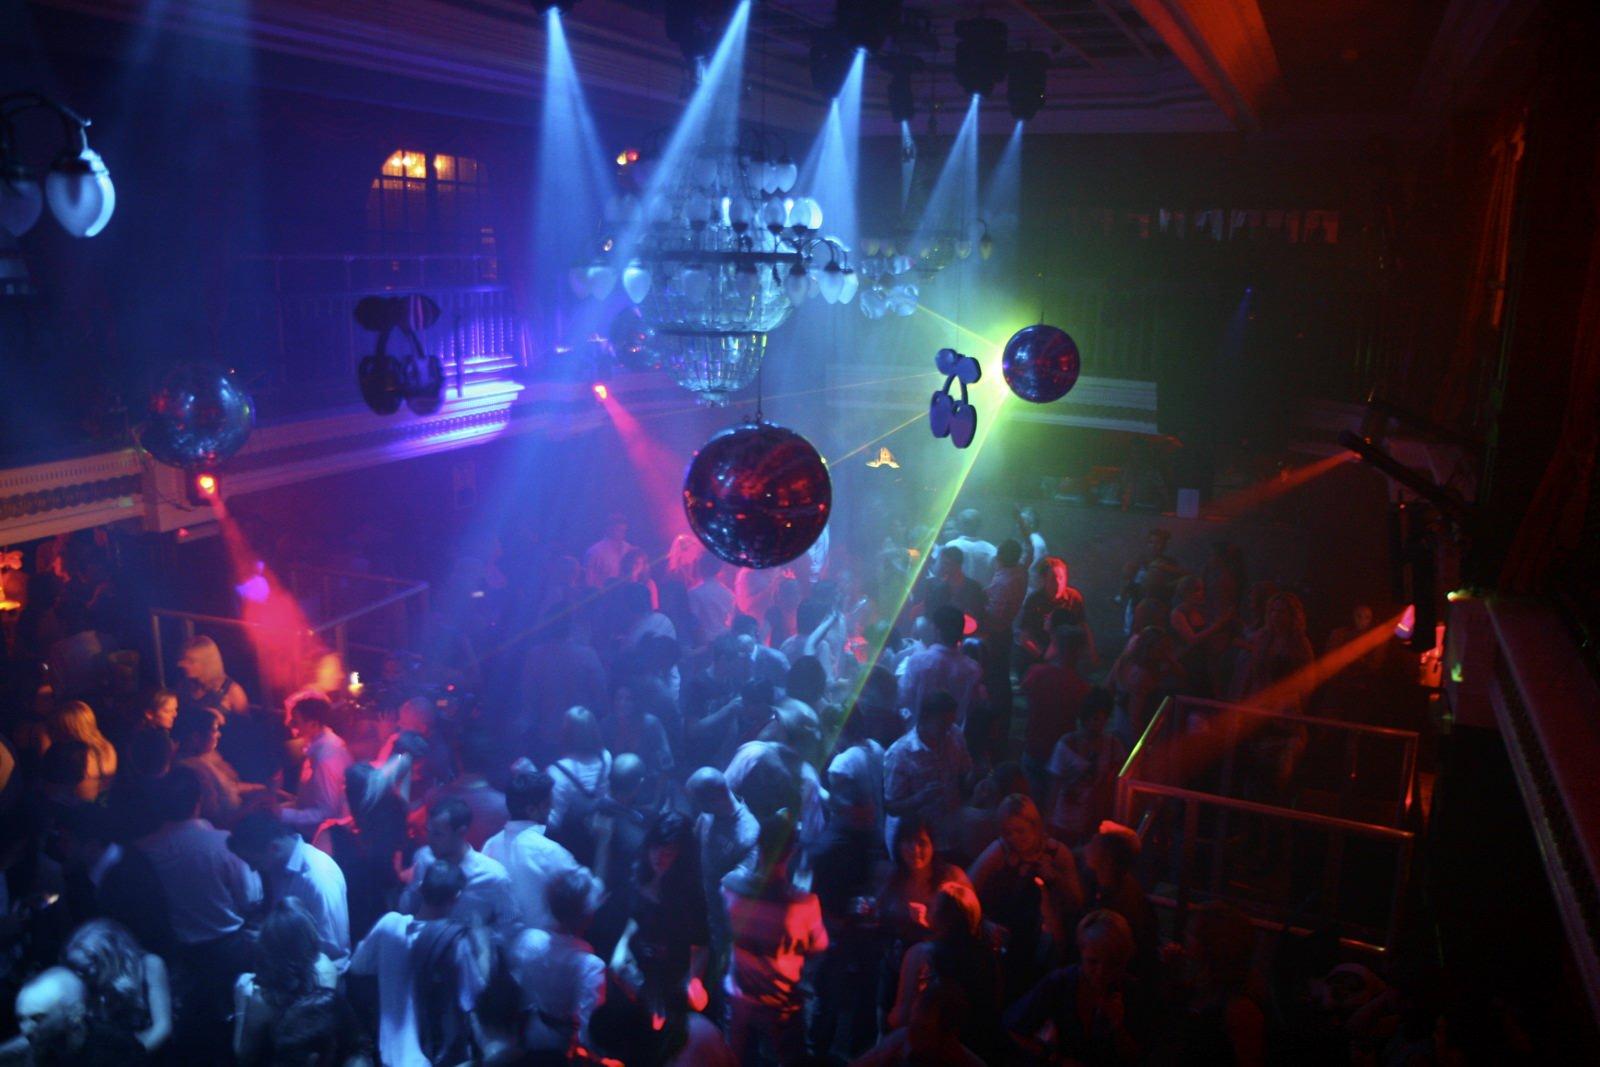 cambridge-event-party-2017-io-038